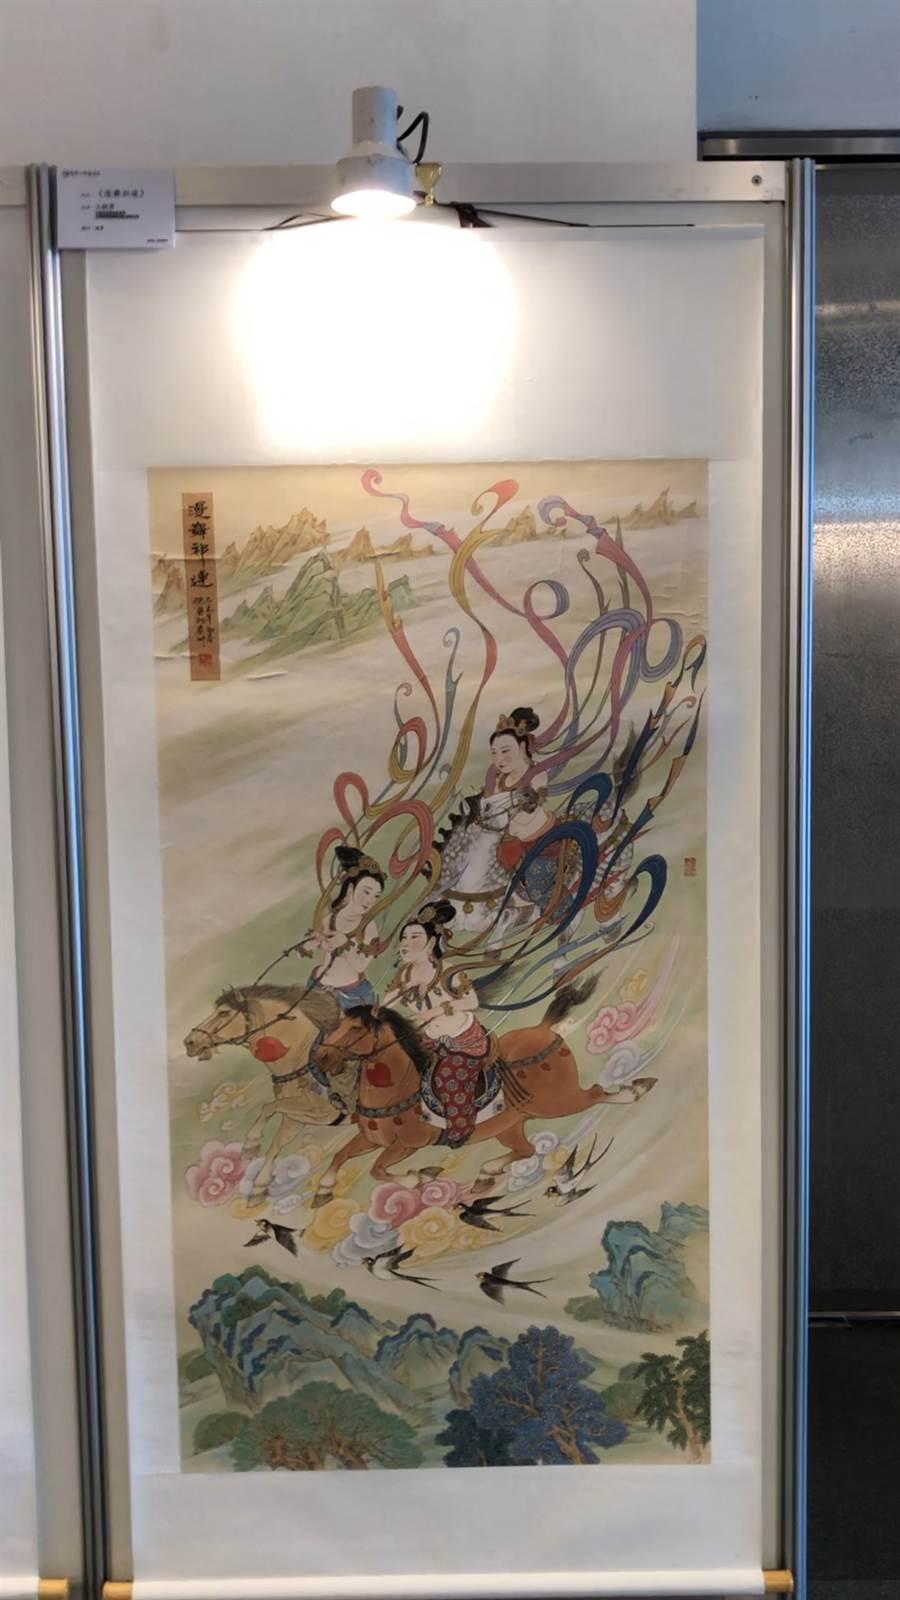 國畫《漫舞祁連》王驍勇/中國美術家協會會員,甘肅省美術家協會駐會副主席